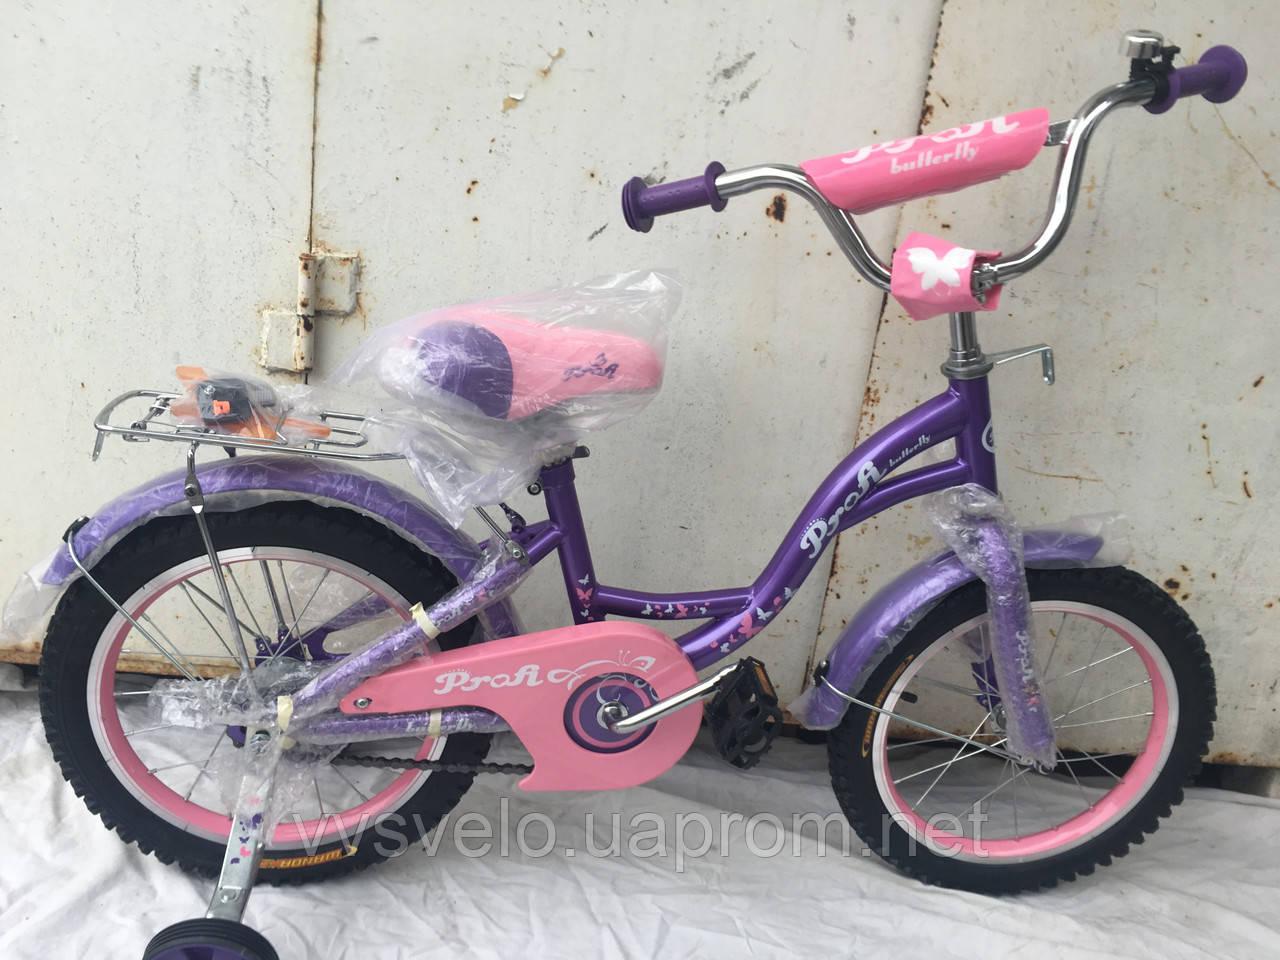 Велосипед детский Profi 16 сиренево розовый 2017